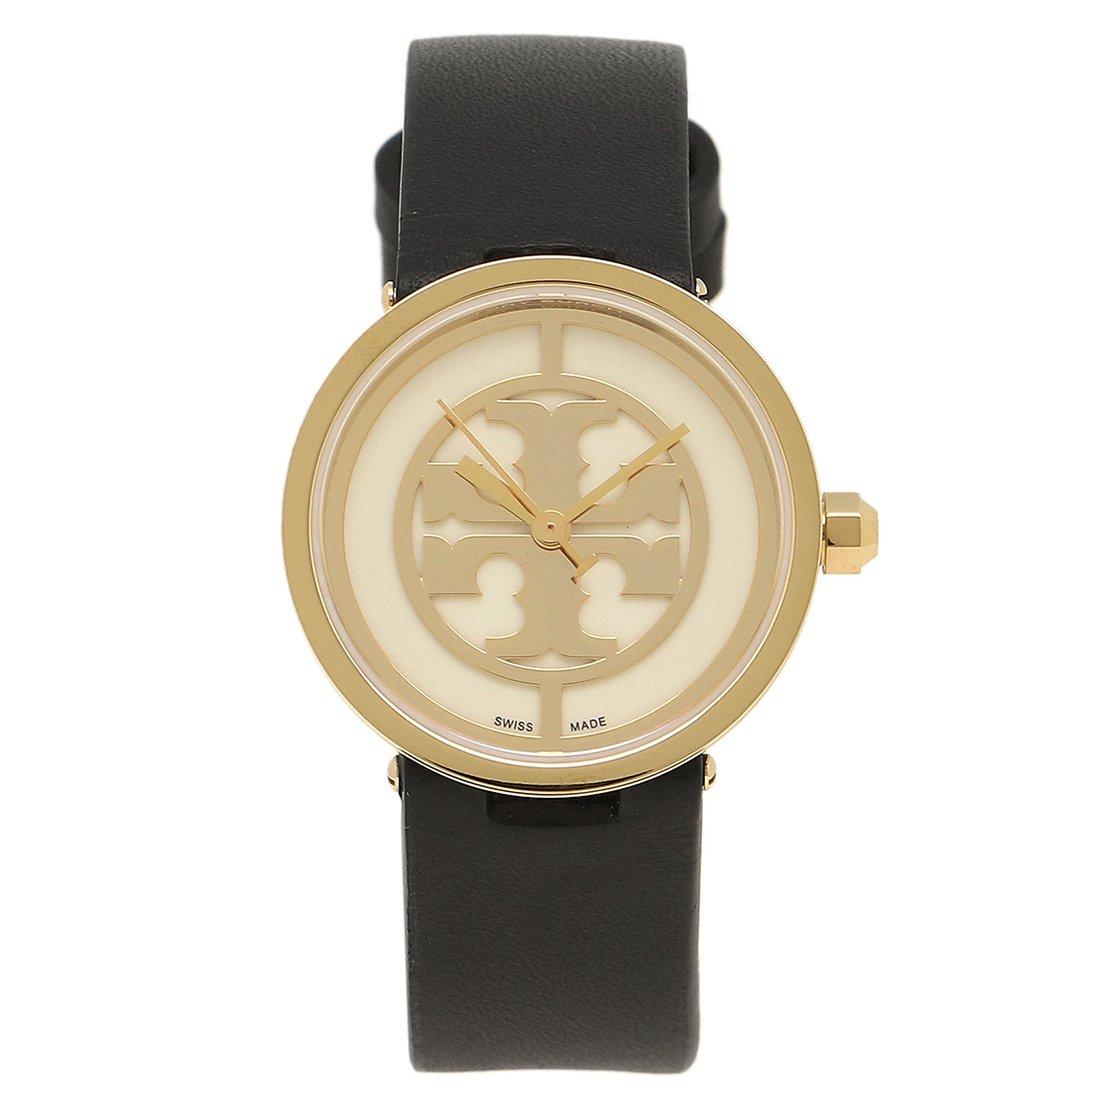 トリーバーチ 時計 アウトレット TORY BURCH TRB4008 REVA レバ レディース腕時計ウォッチ イエローゴールド/ホワイト/ブラック [並行輸入品] B075J7NQRN